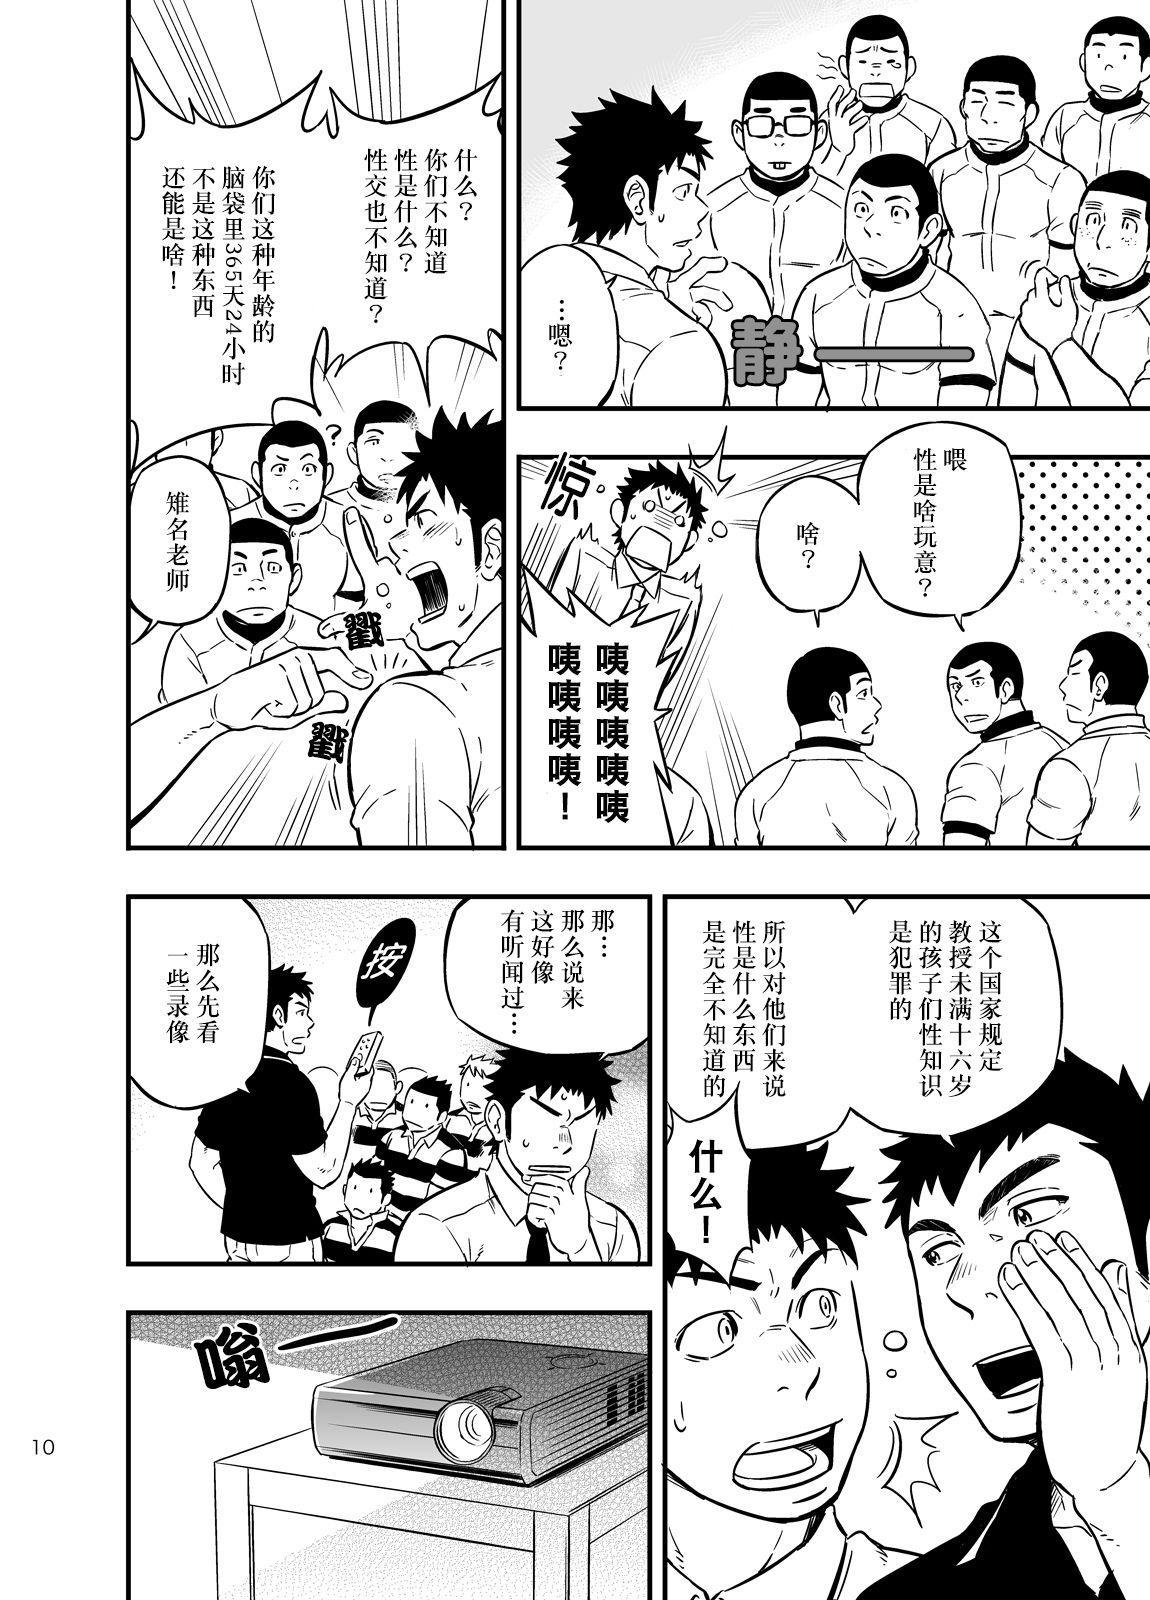 Moshimo Danshikou no Hoken Taiiku ga Jitsugi Ari Dattara 2 | 如果男校的保健体育课有实践环节的话 2 8